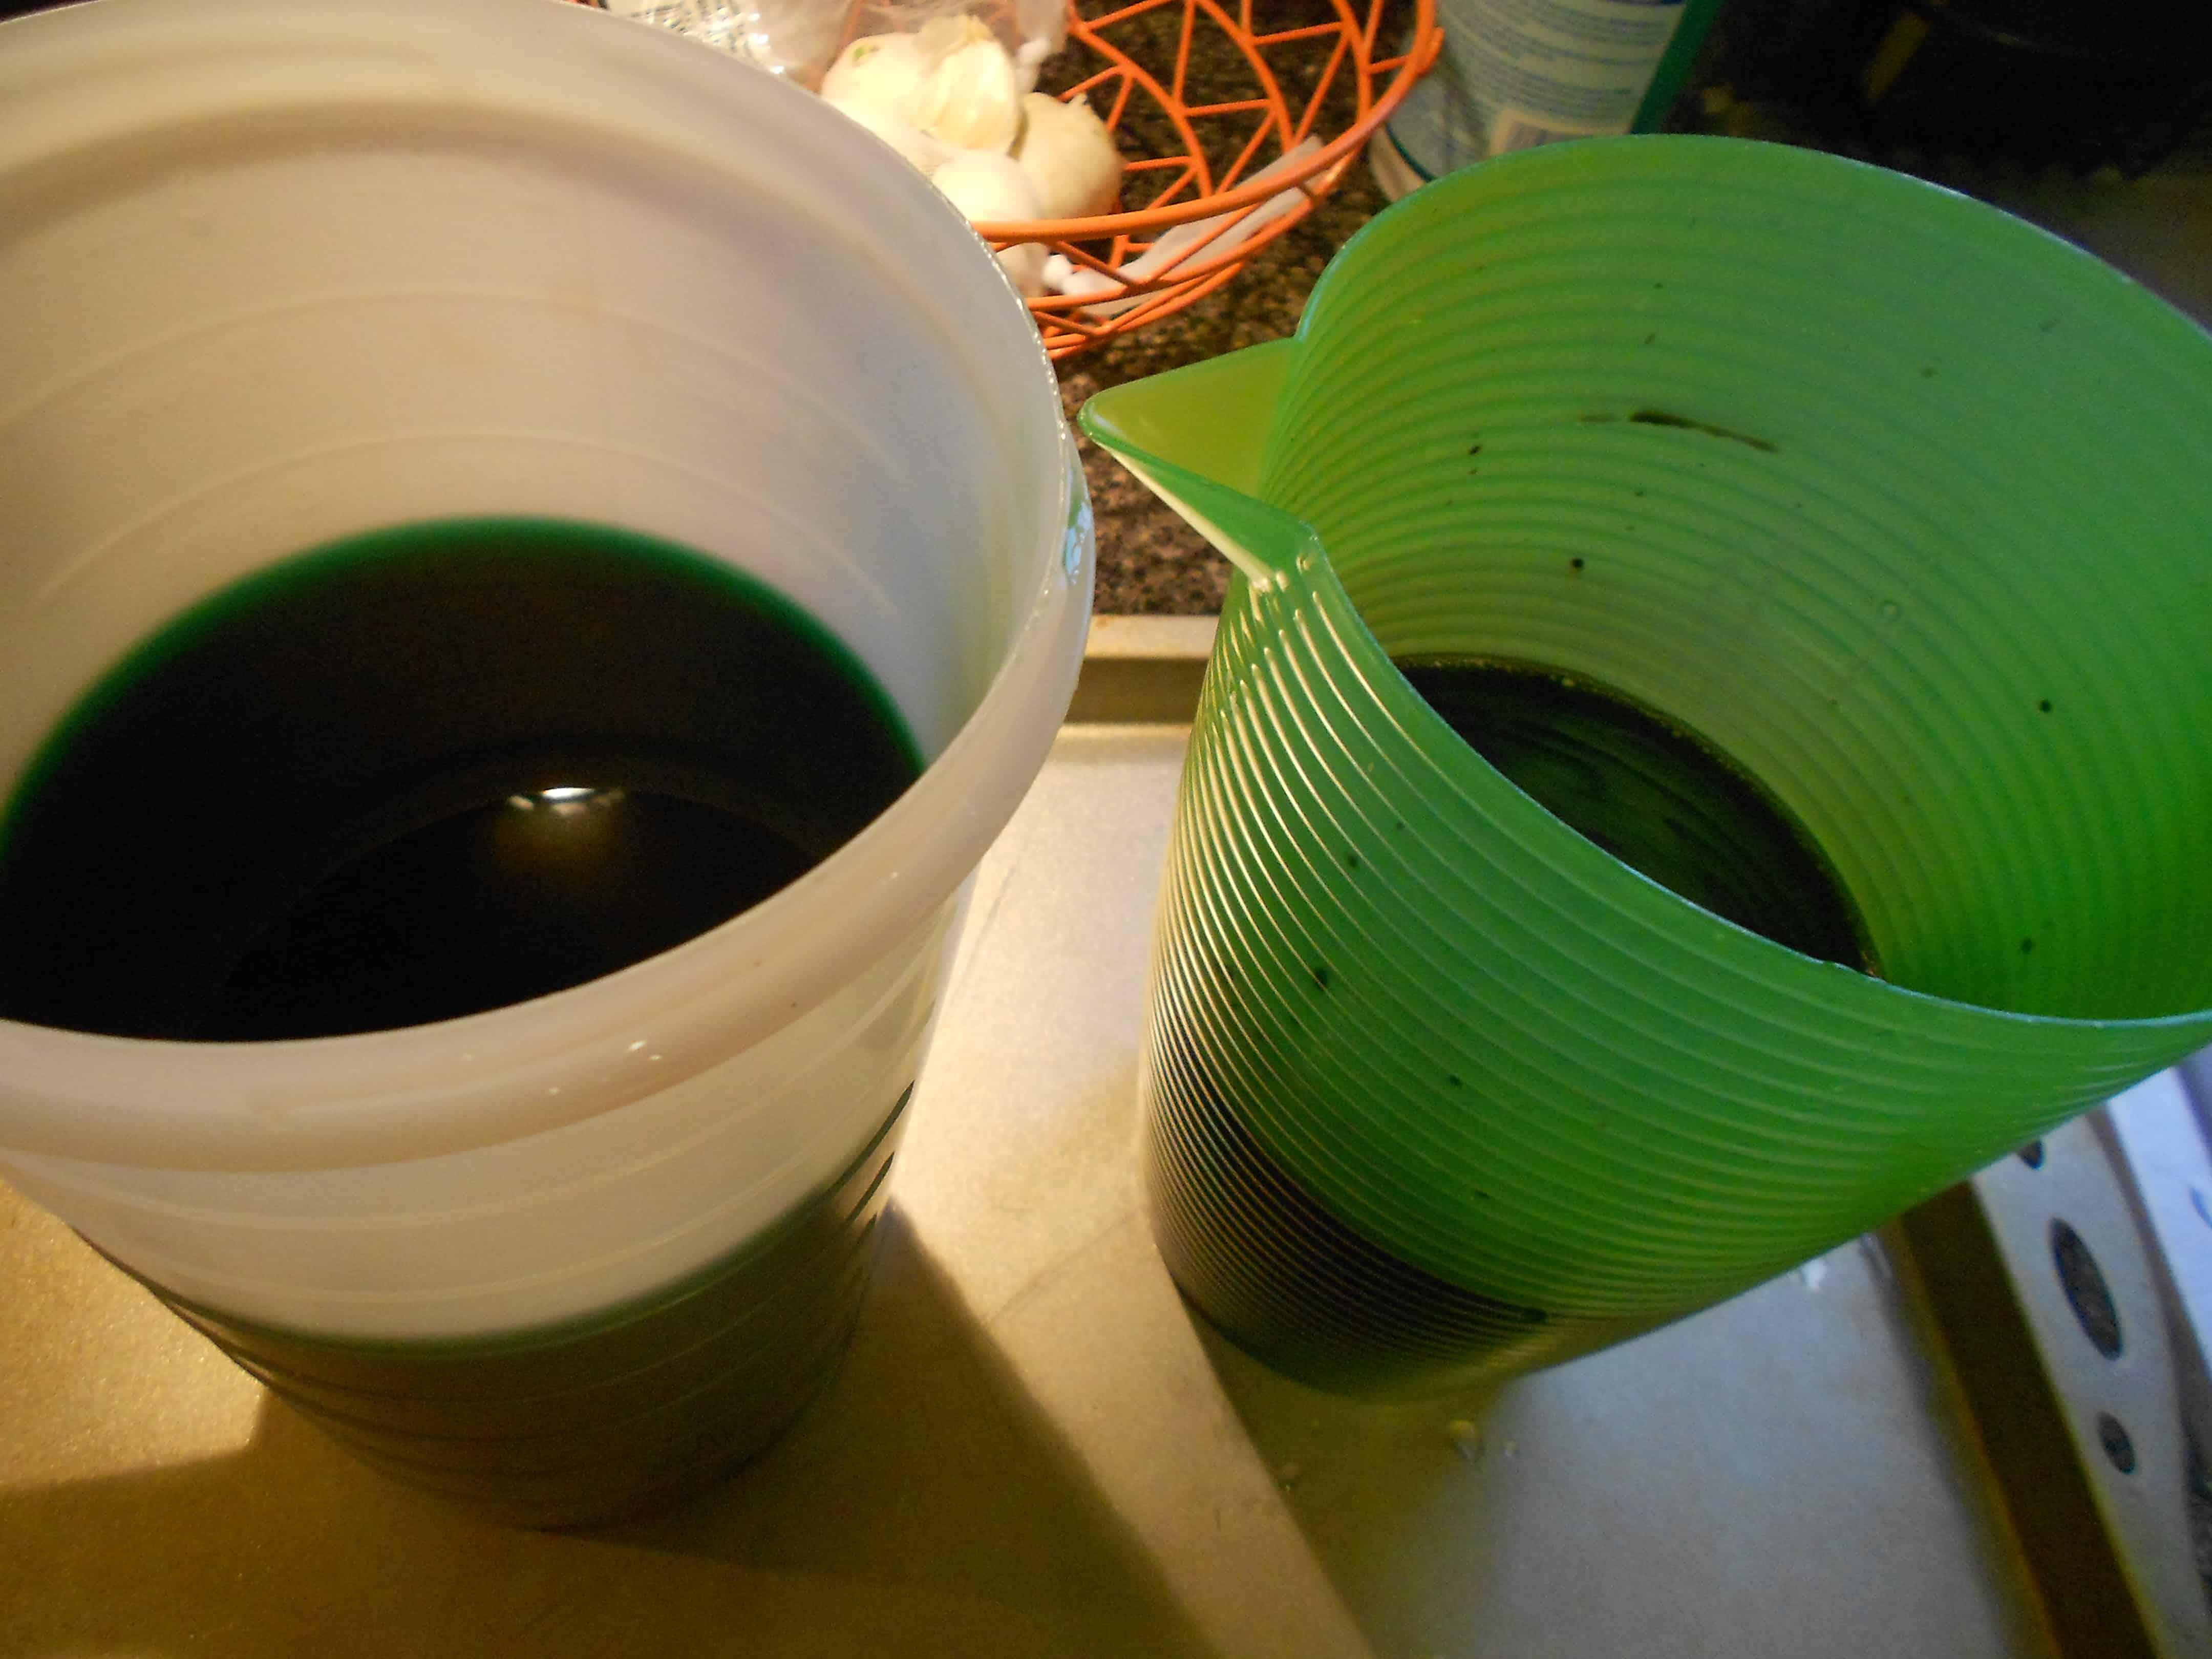 dye in pitchers